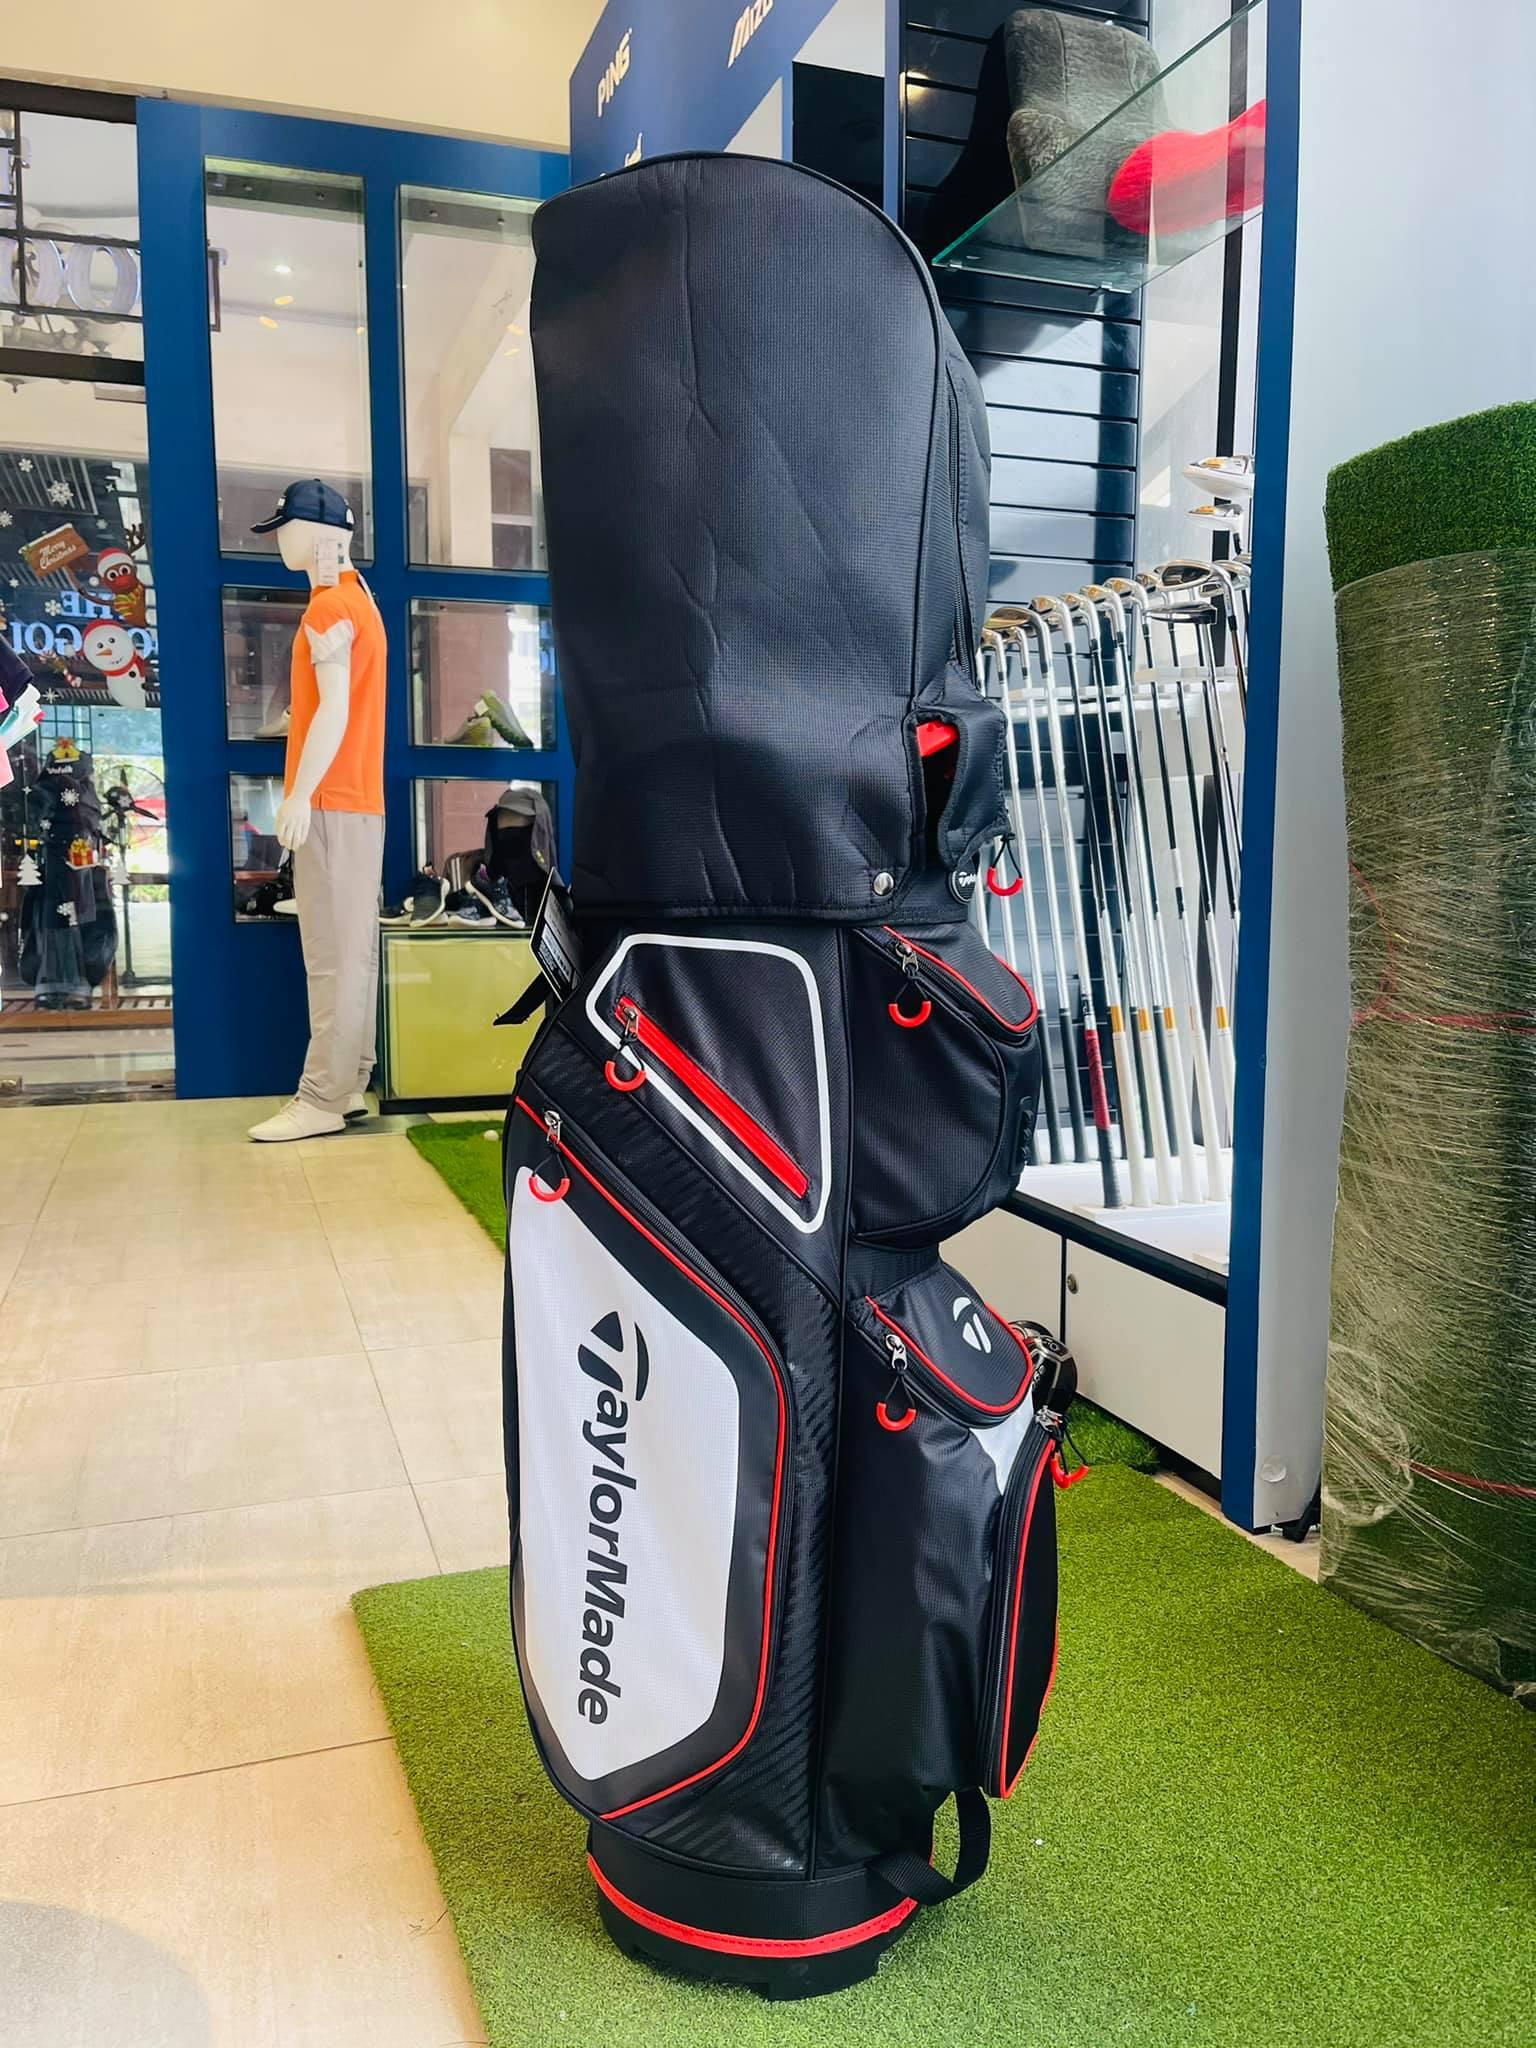 [Review] Túi Đựng Gậy Golf Taylormade chính hãng - chất lượng